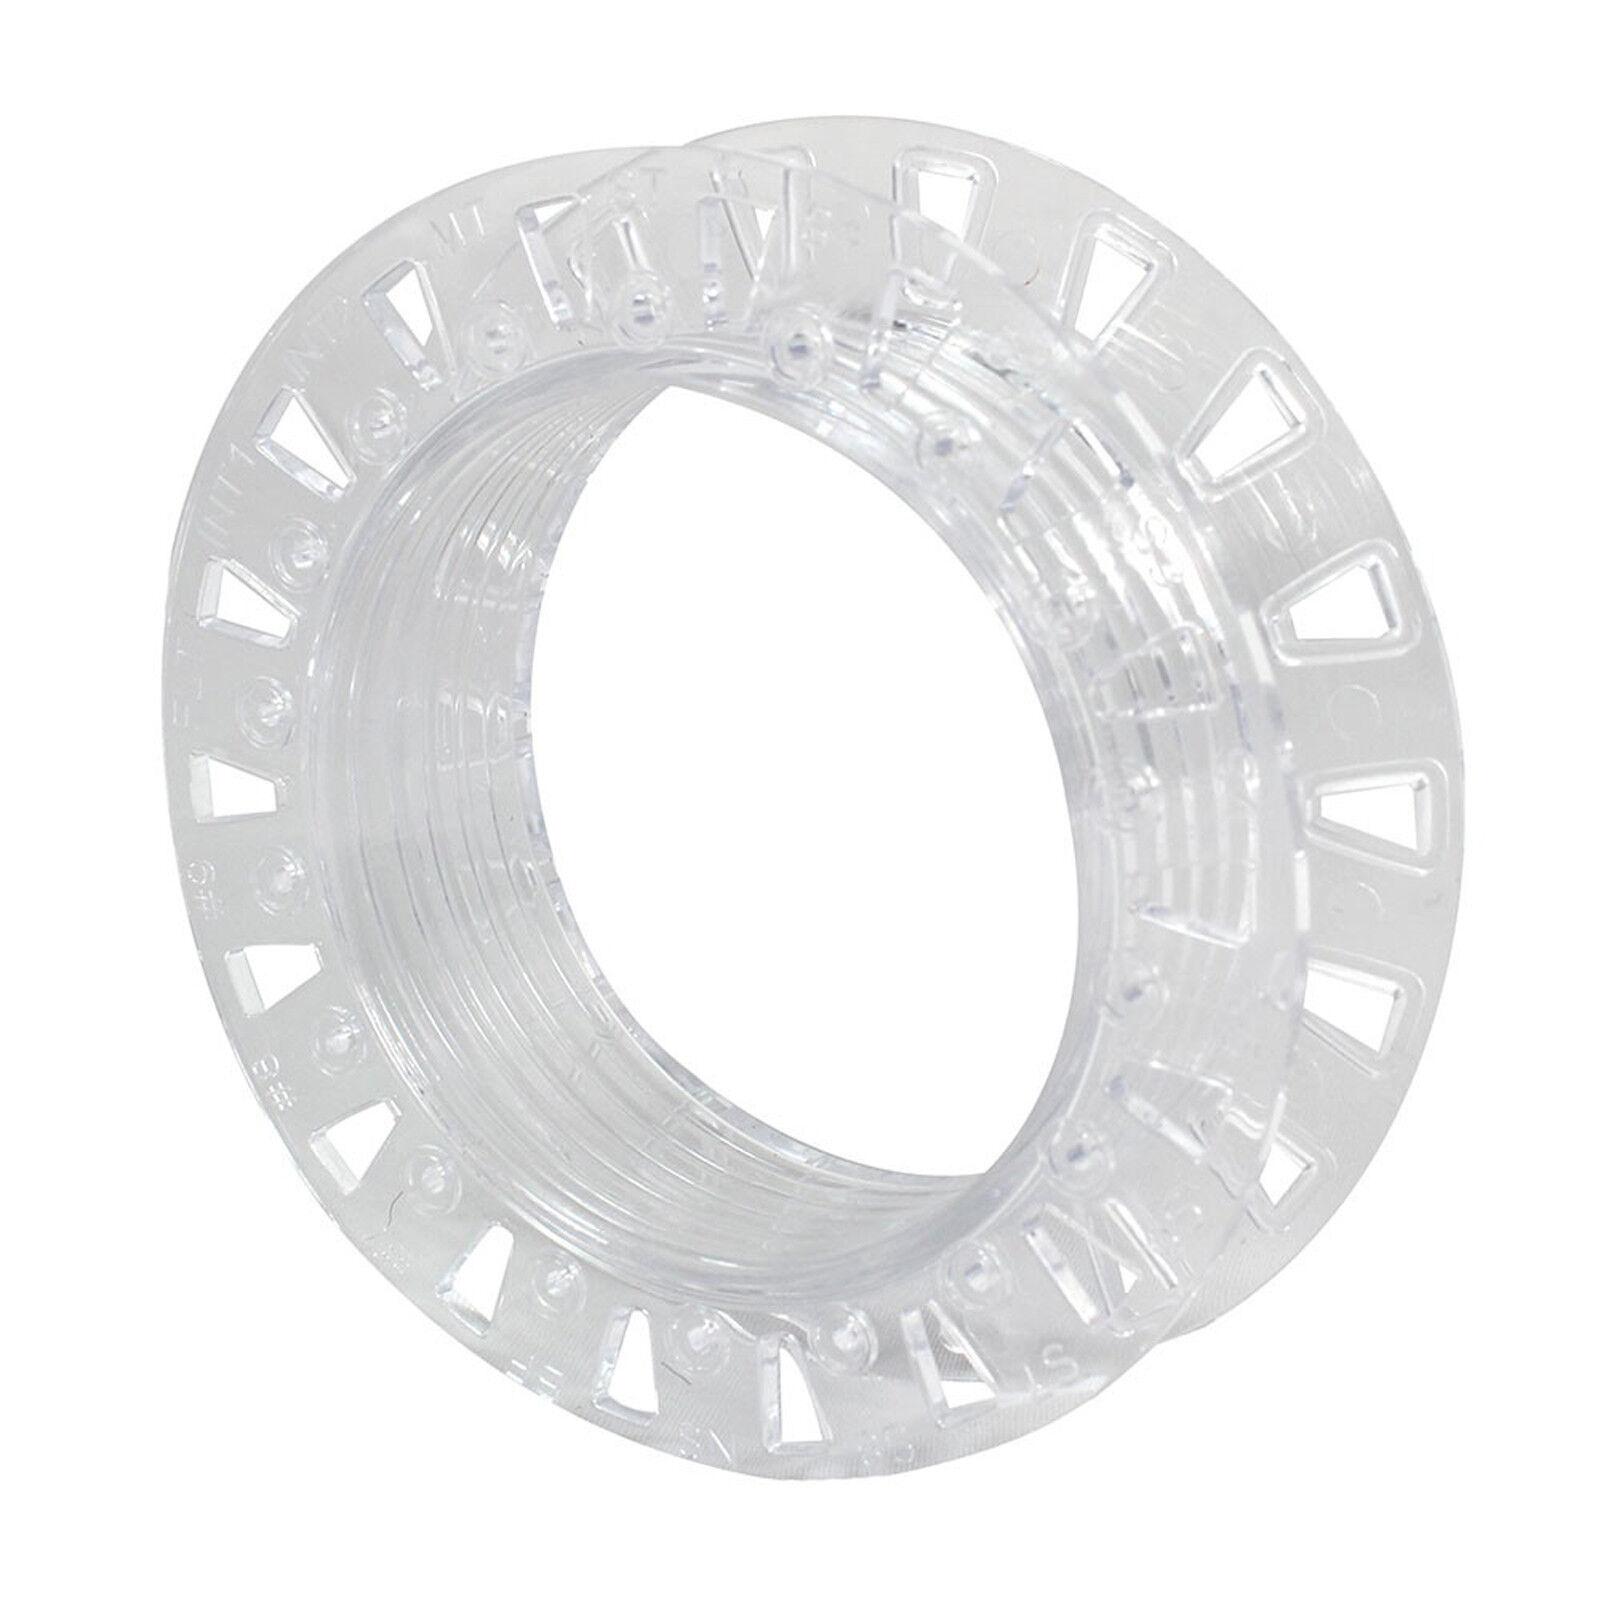 grigios GTS 500 CASSETTA FLY REEL  Taglia 5 5 5 6 7 e 7 8 9  VOLO Pesca Salmone Trota 946348